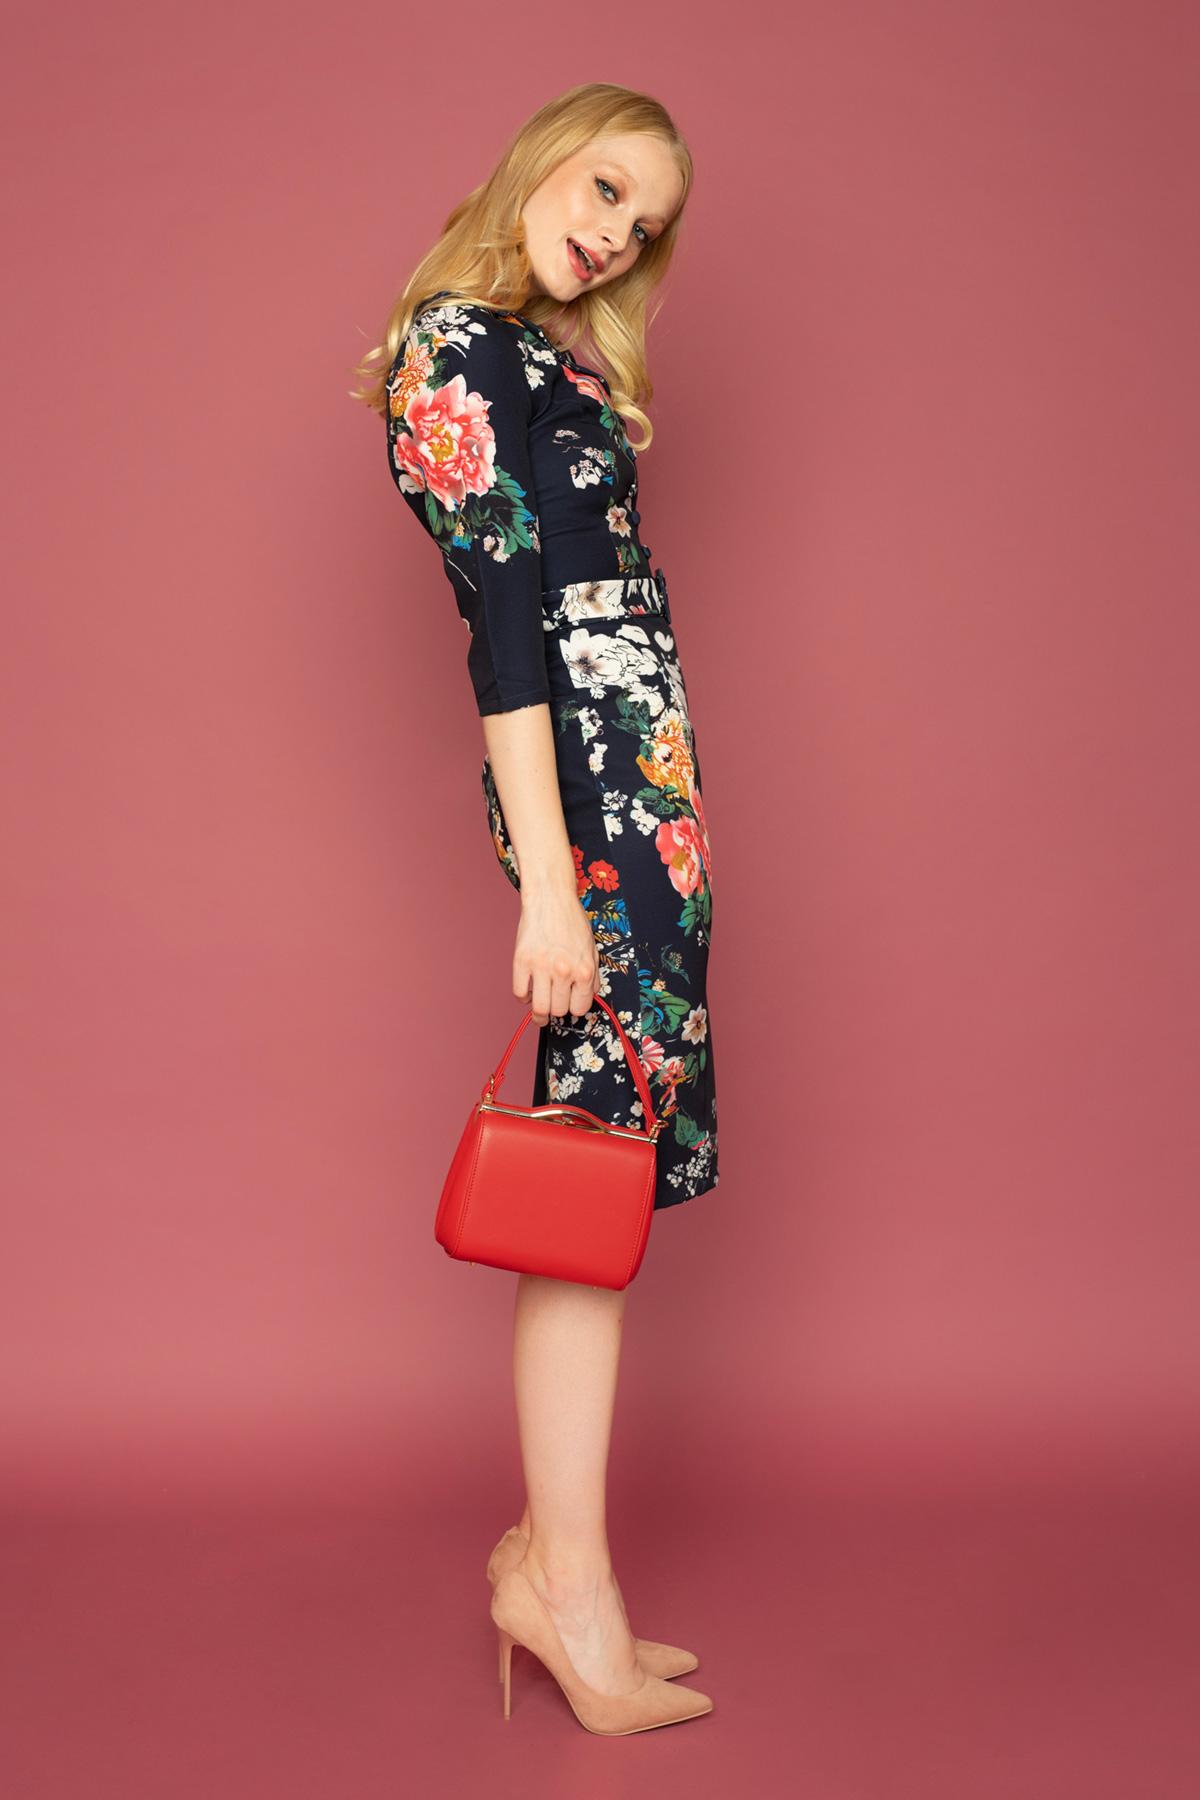 Φλοράλ vintage φόρεμα σε ίσια γραμμή, με γιακά, faux κουμπιά, ασορτί ζώνη και 3/4 μανίκια, από ελαστικό ύφασμα, ιδανικό για ξεχωριστές εμφανίσεις!